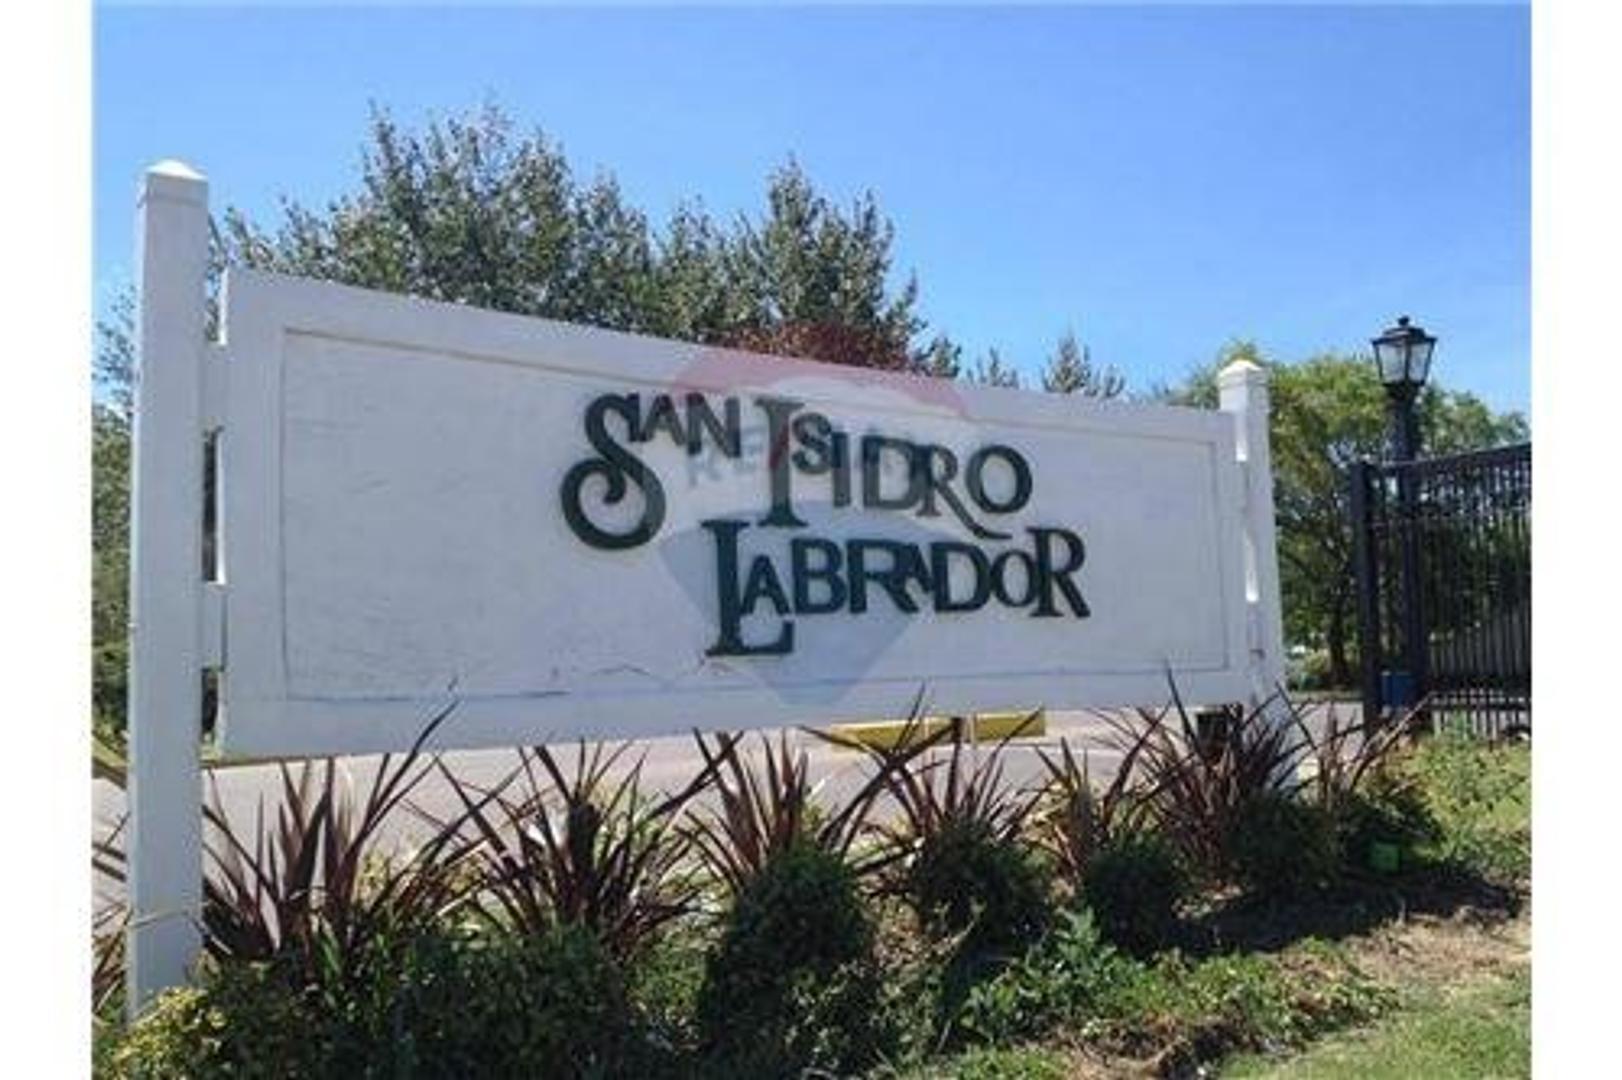 Lote Al Golf y Amarra S.sidro Labrador Villanueva